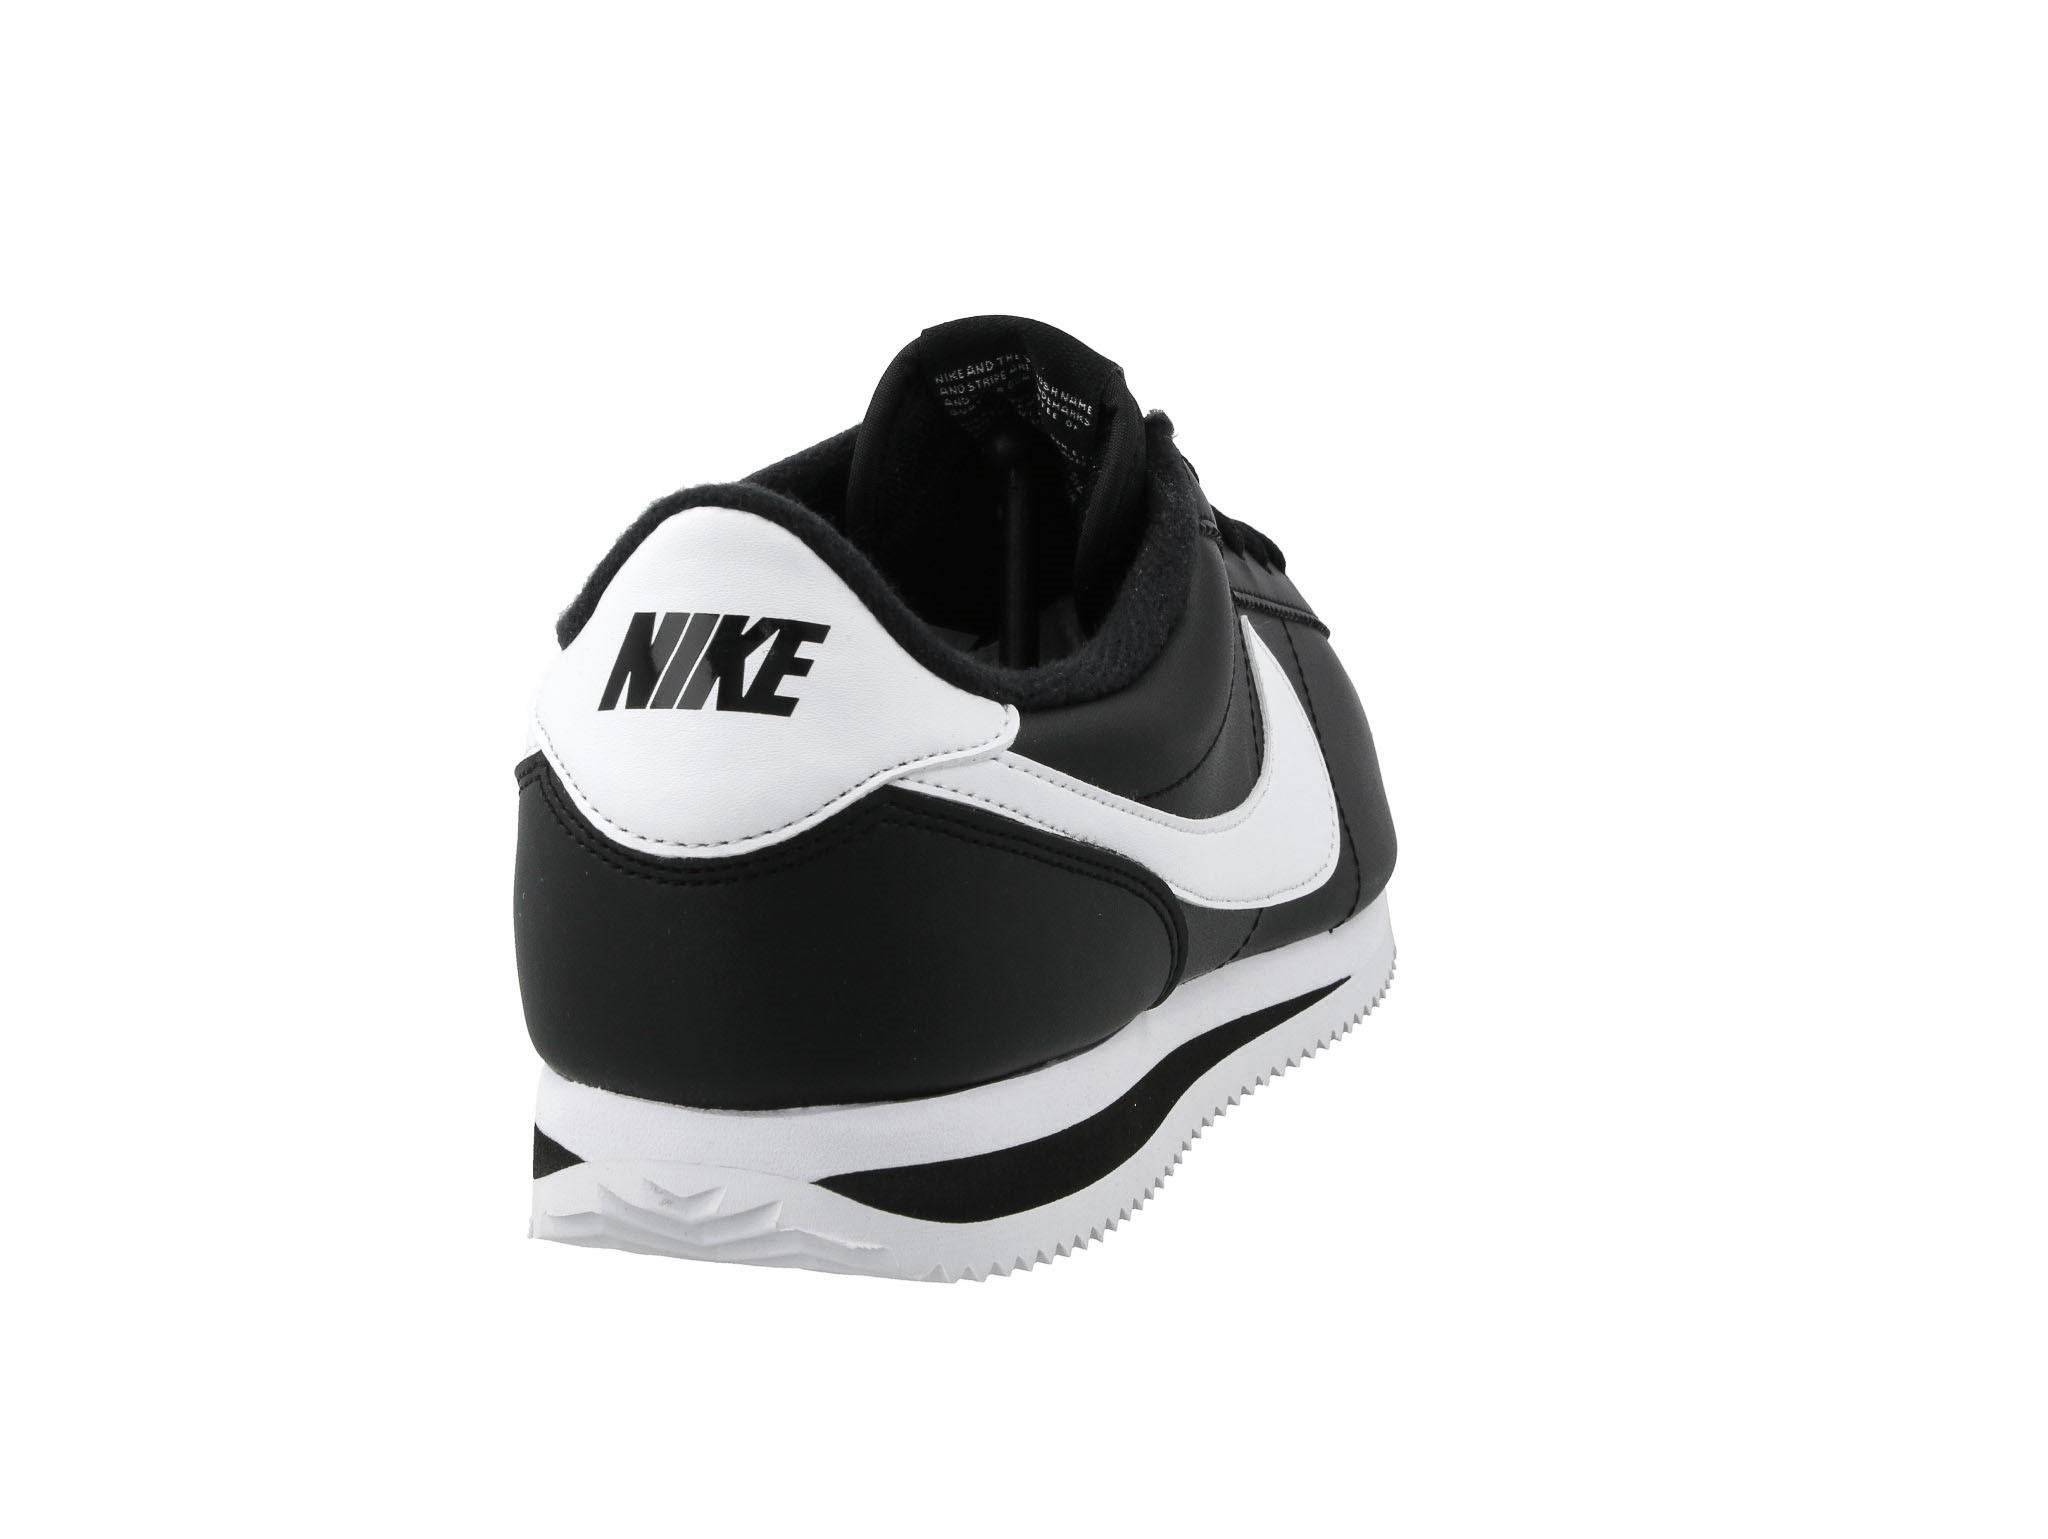 Cipő NIKE Cortez Basic Leather 819719 012 BlackWhite